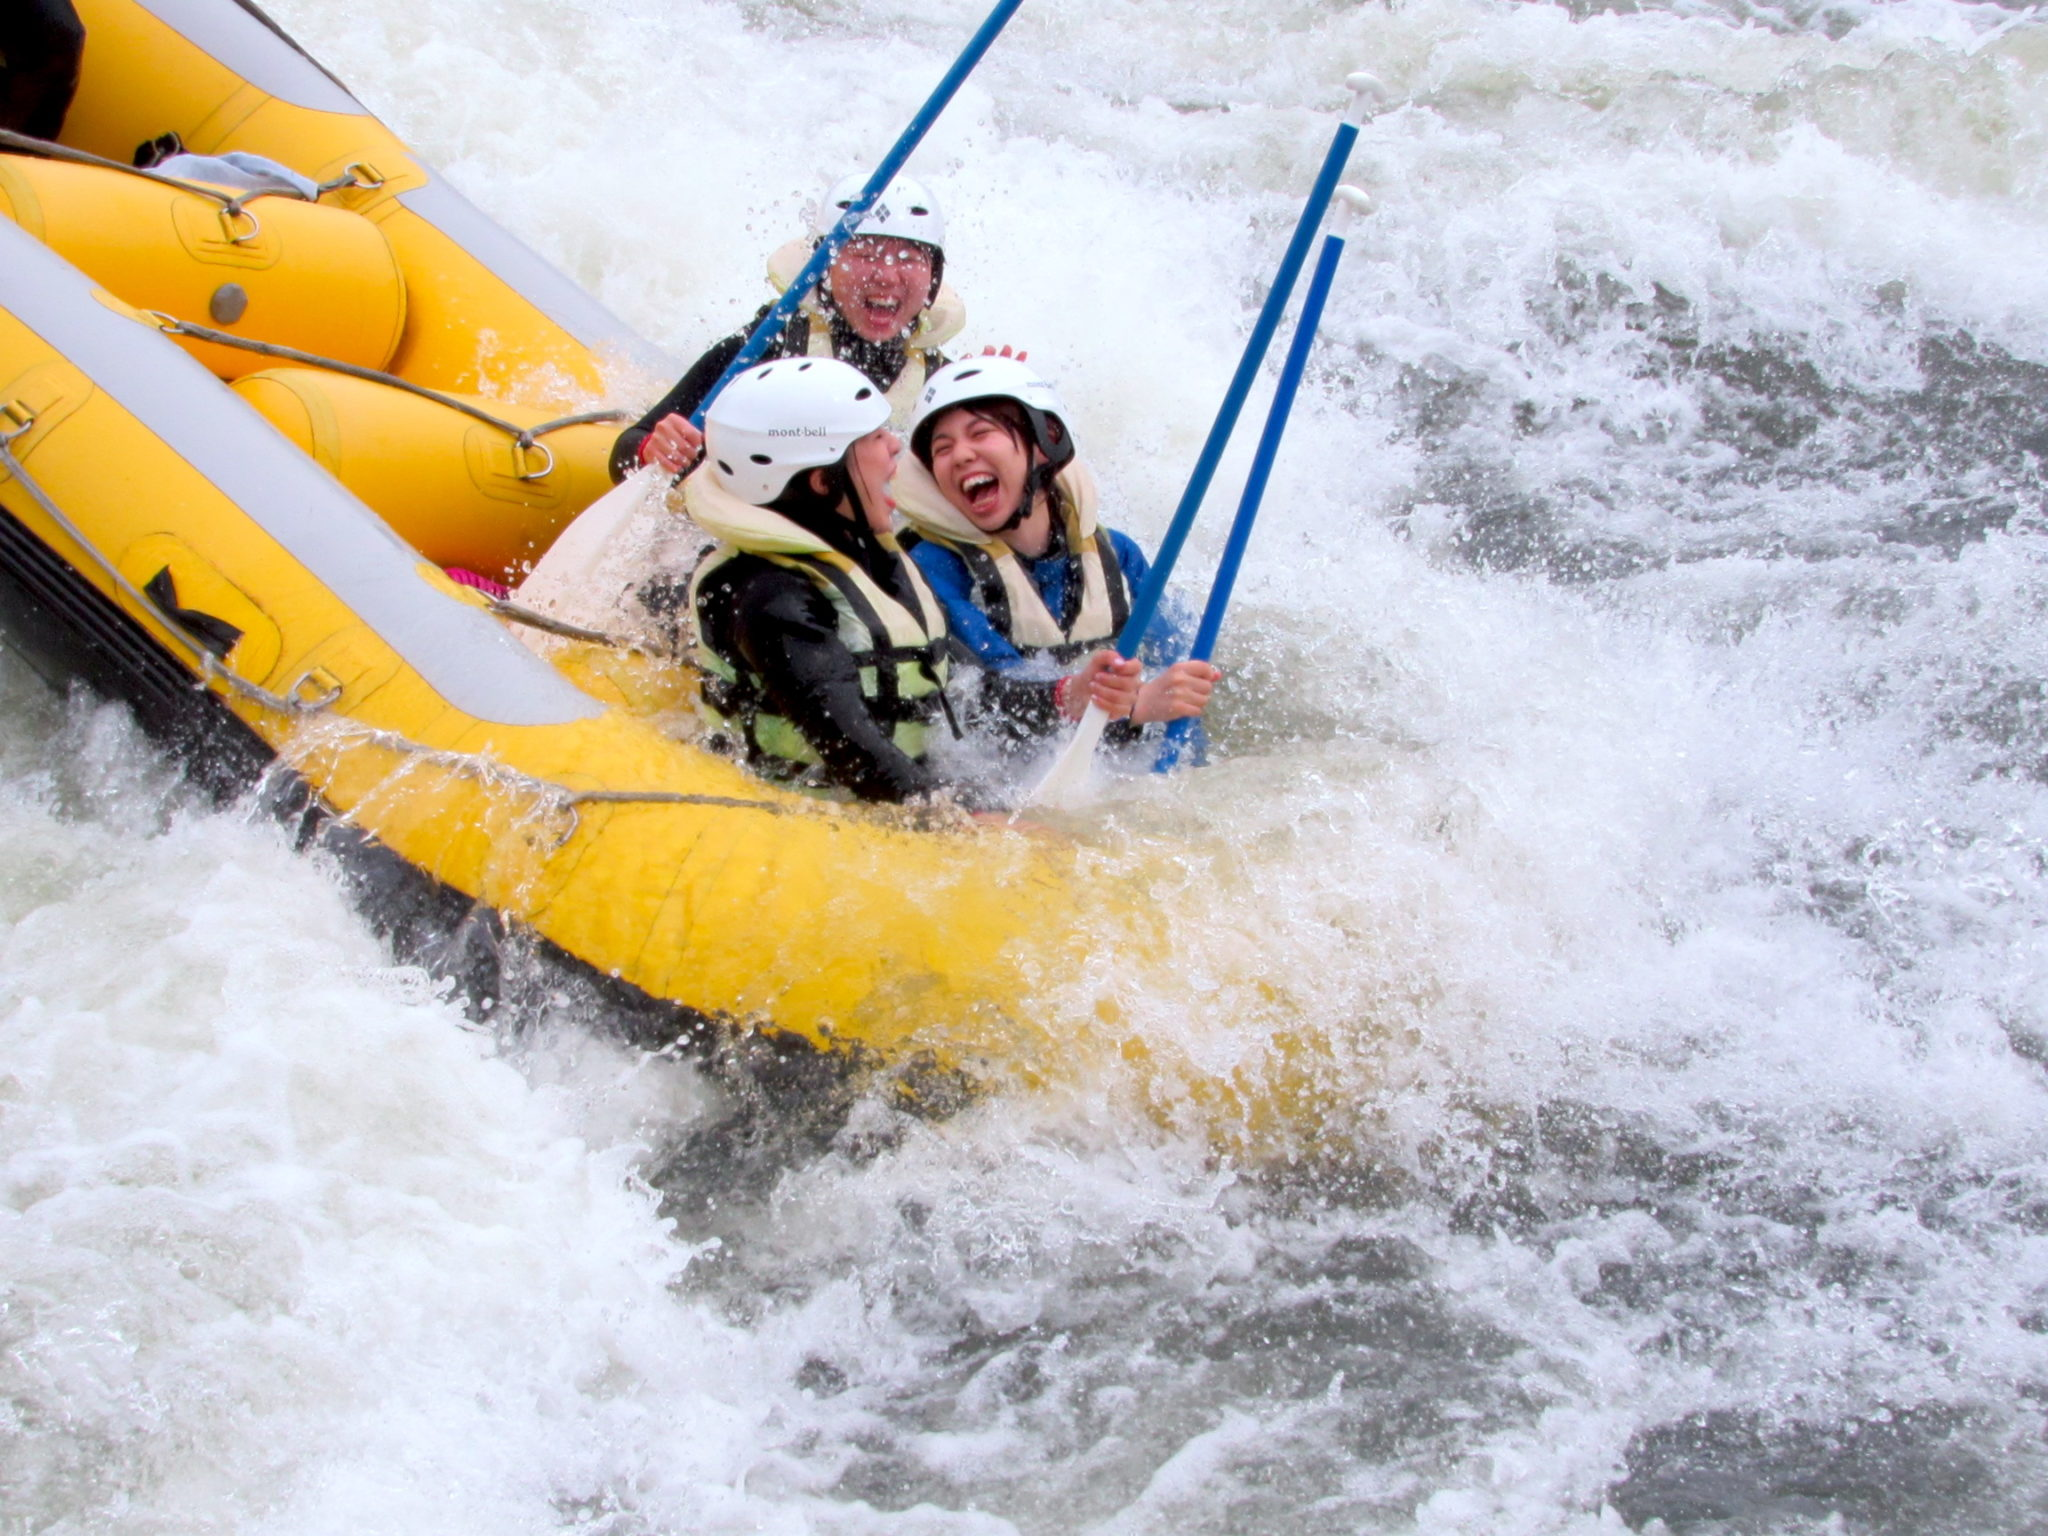 山形・最上川をラフティングで爽快に漕ぎ下るリフレッシュ体験!写真・温泉入浴券付き半日ツアー